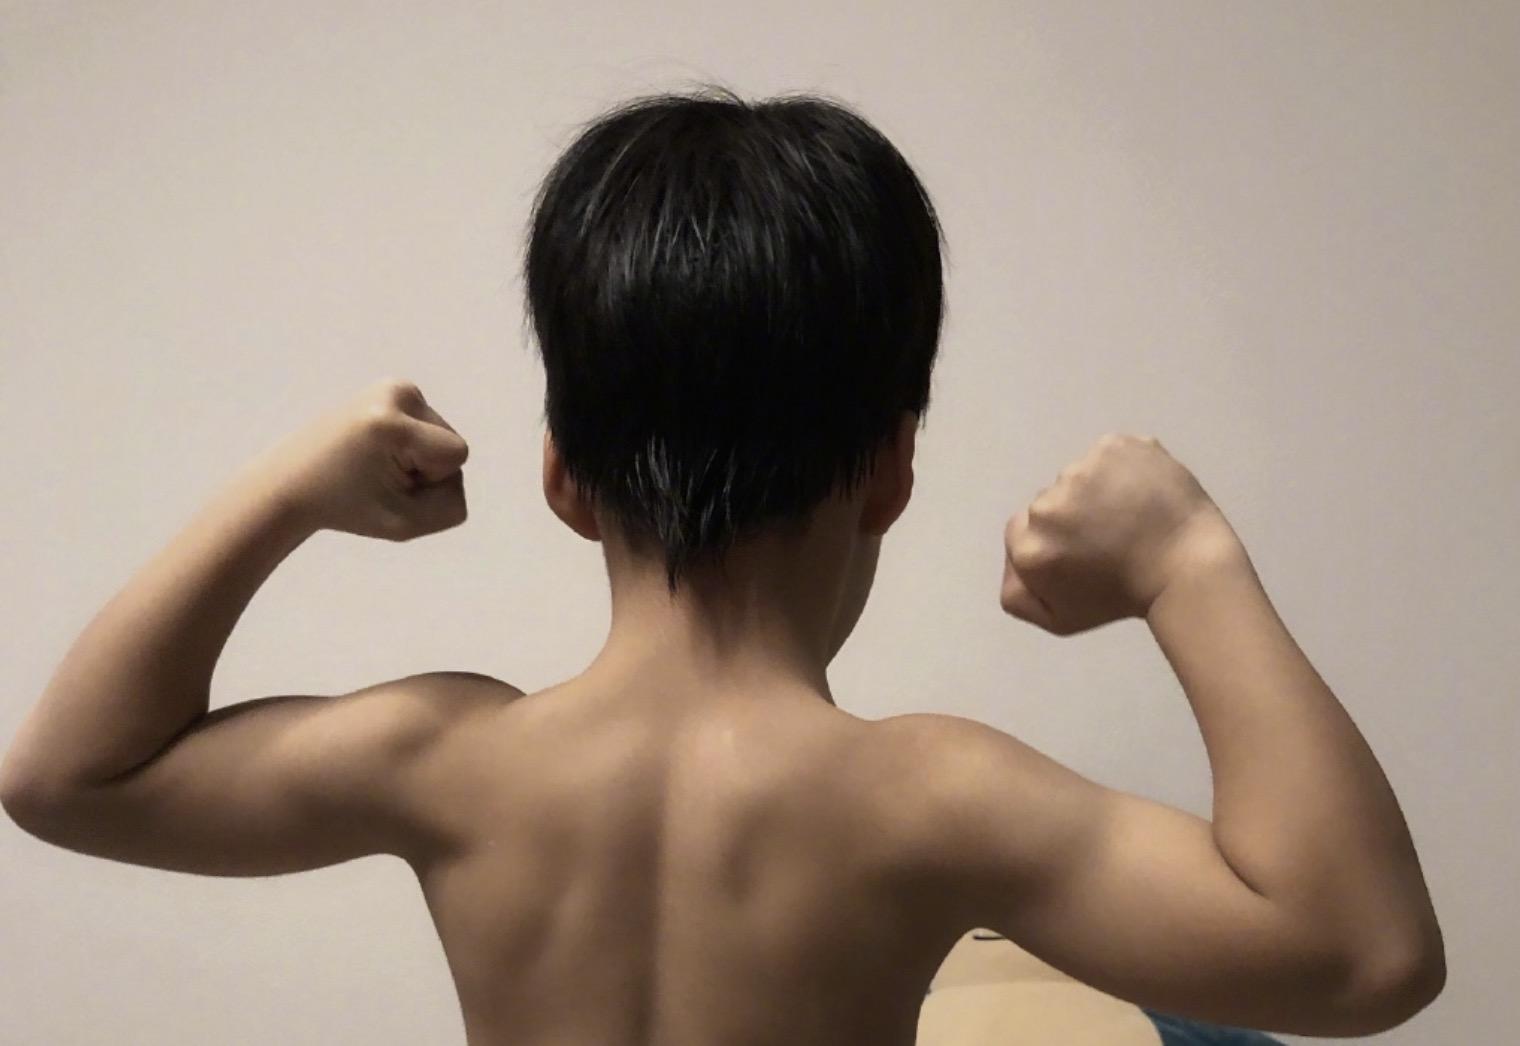 謝楠曬吳所謂堅實的臂膀,直呼想依靠,網友感慨不愧是戰狼的兒子